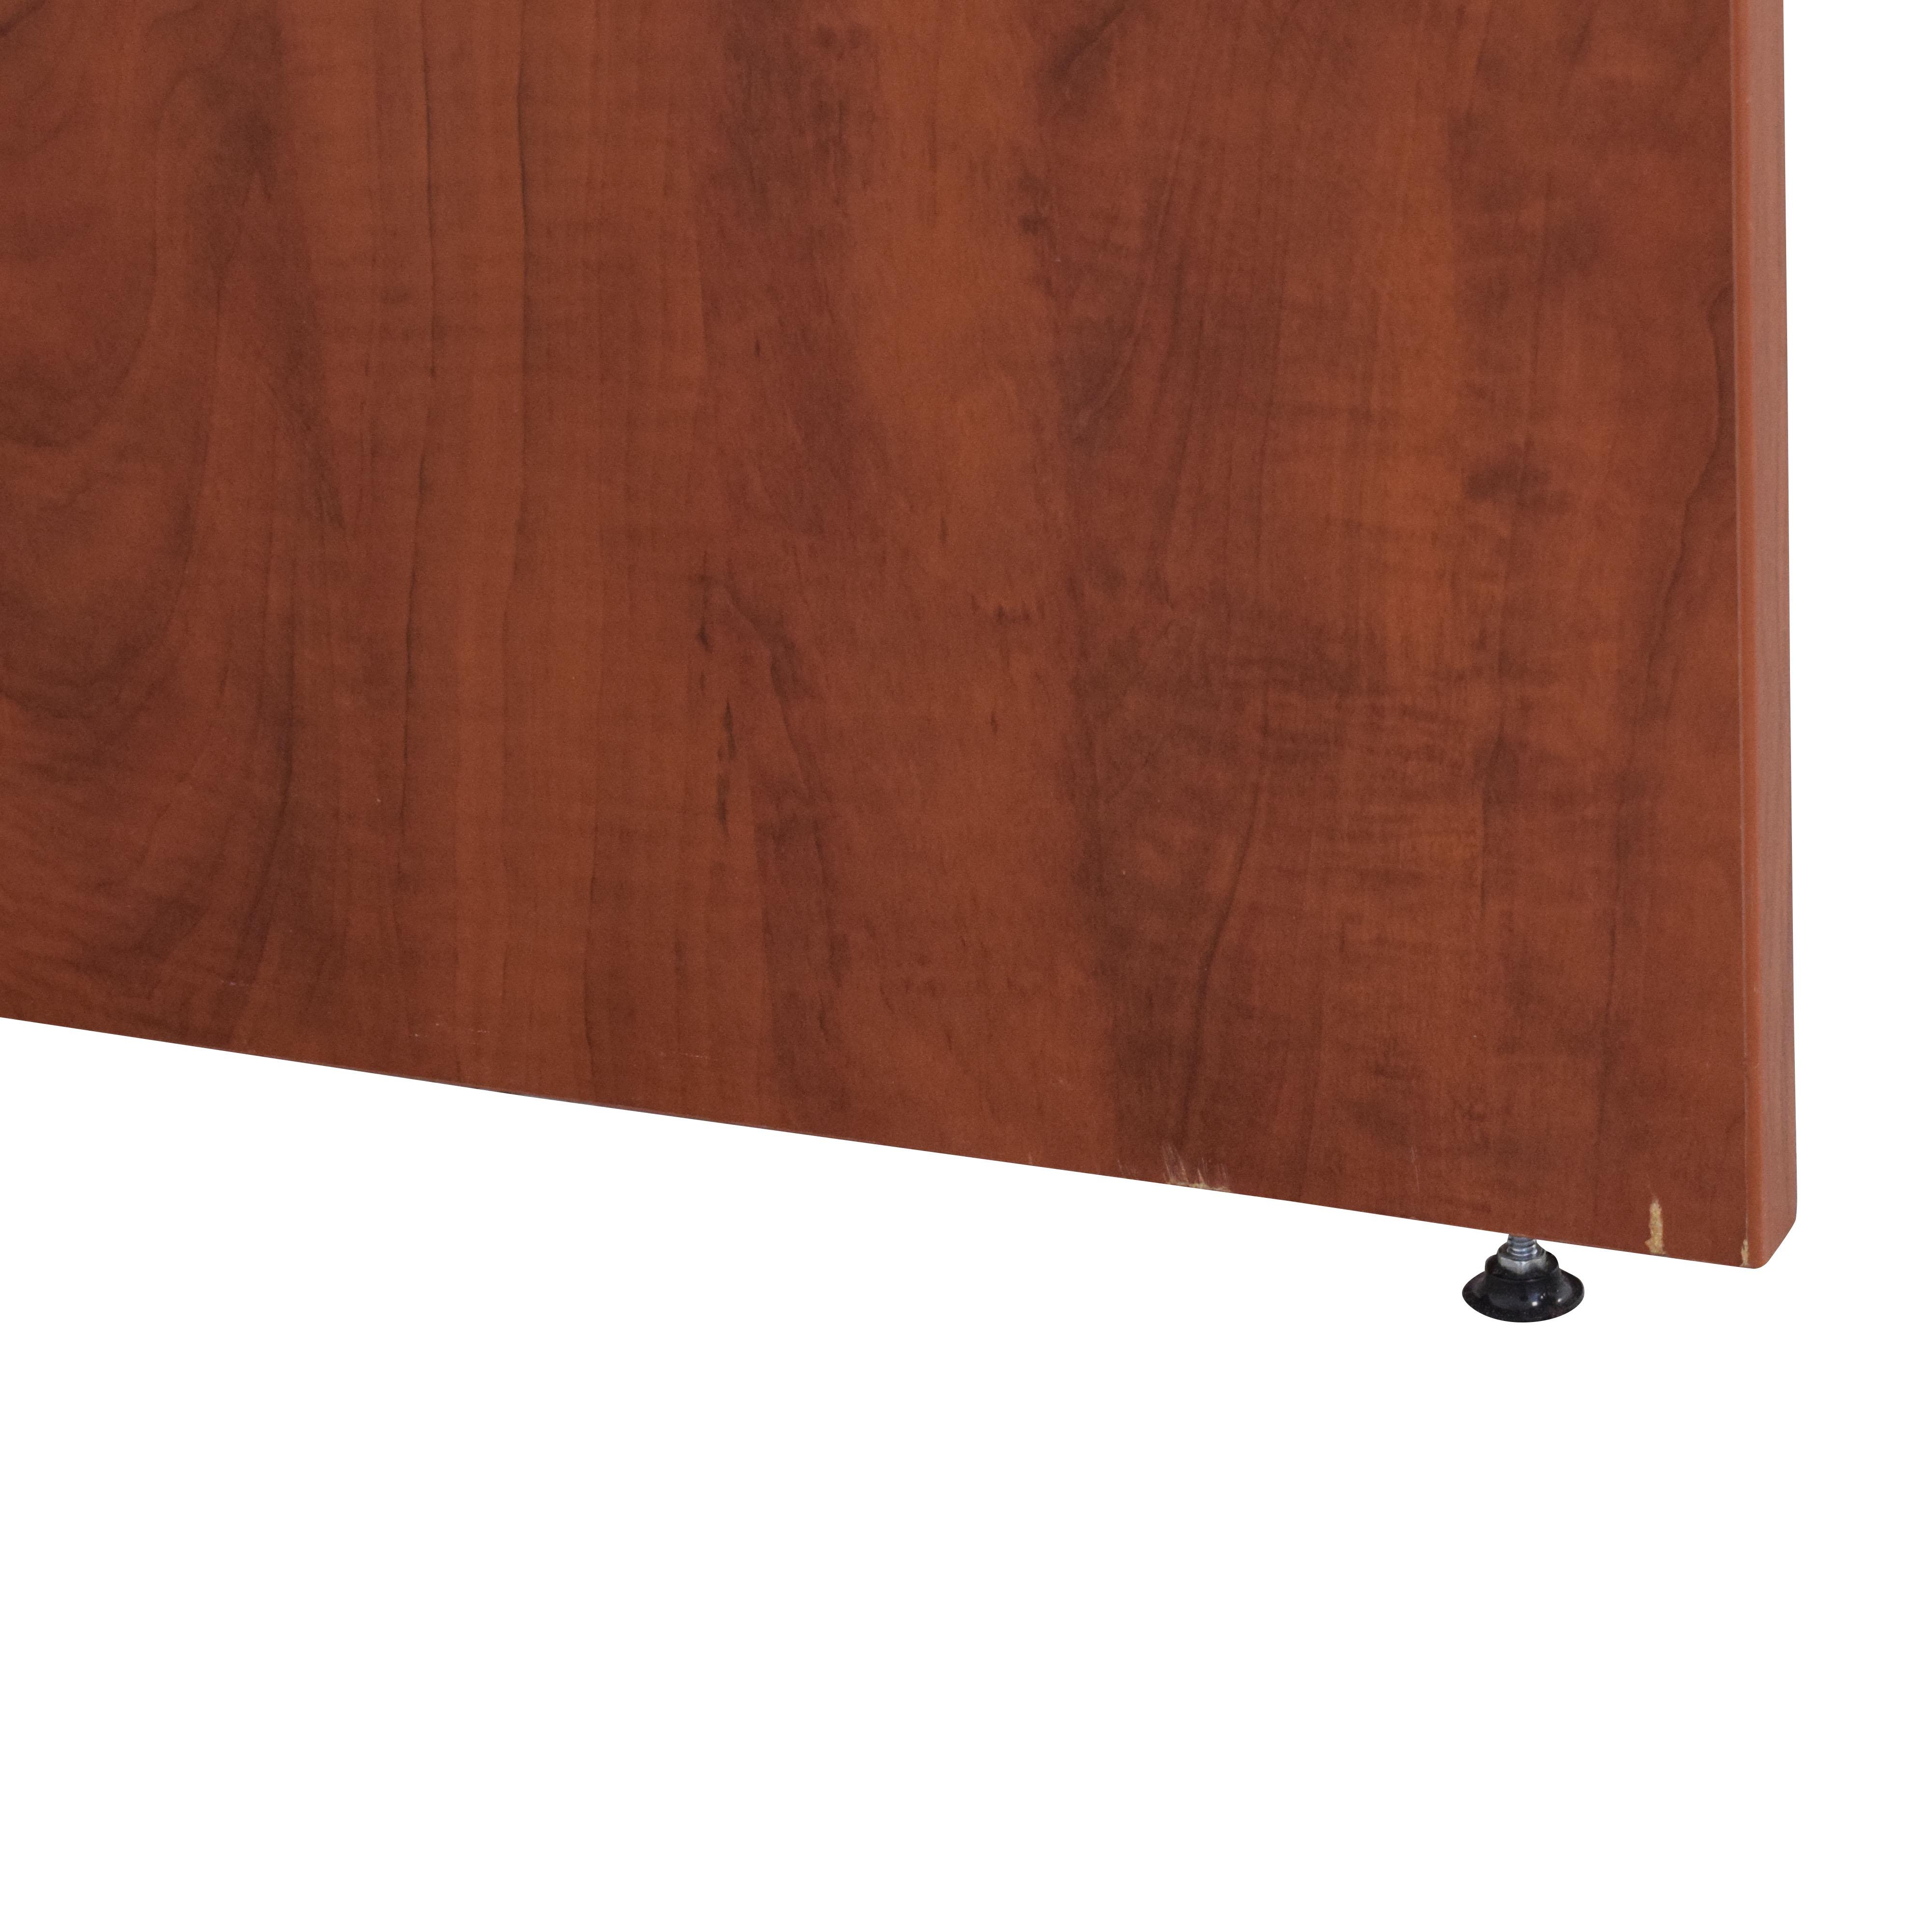 Glenwood Glenwood Desk with Two Drawers nyc